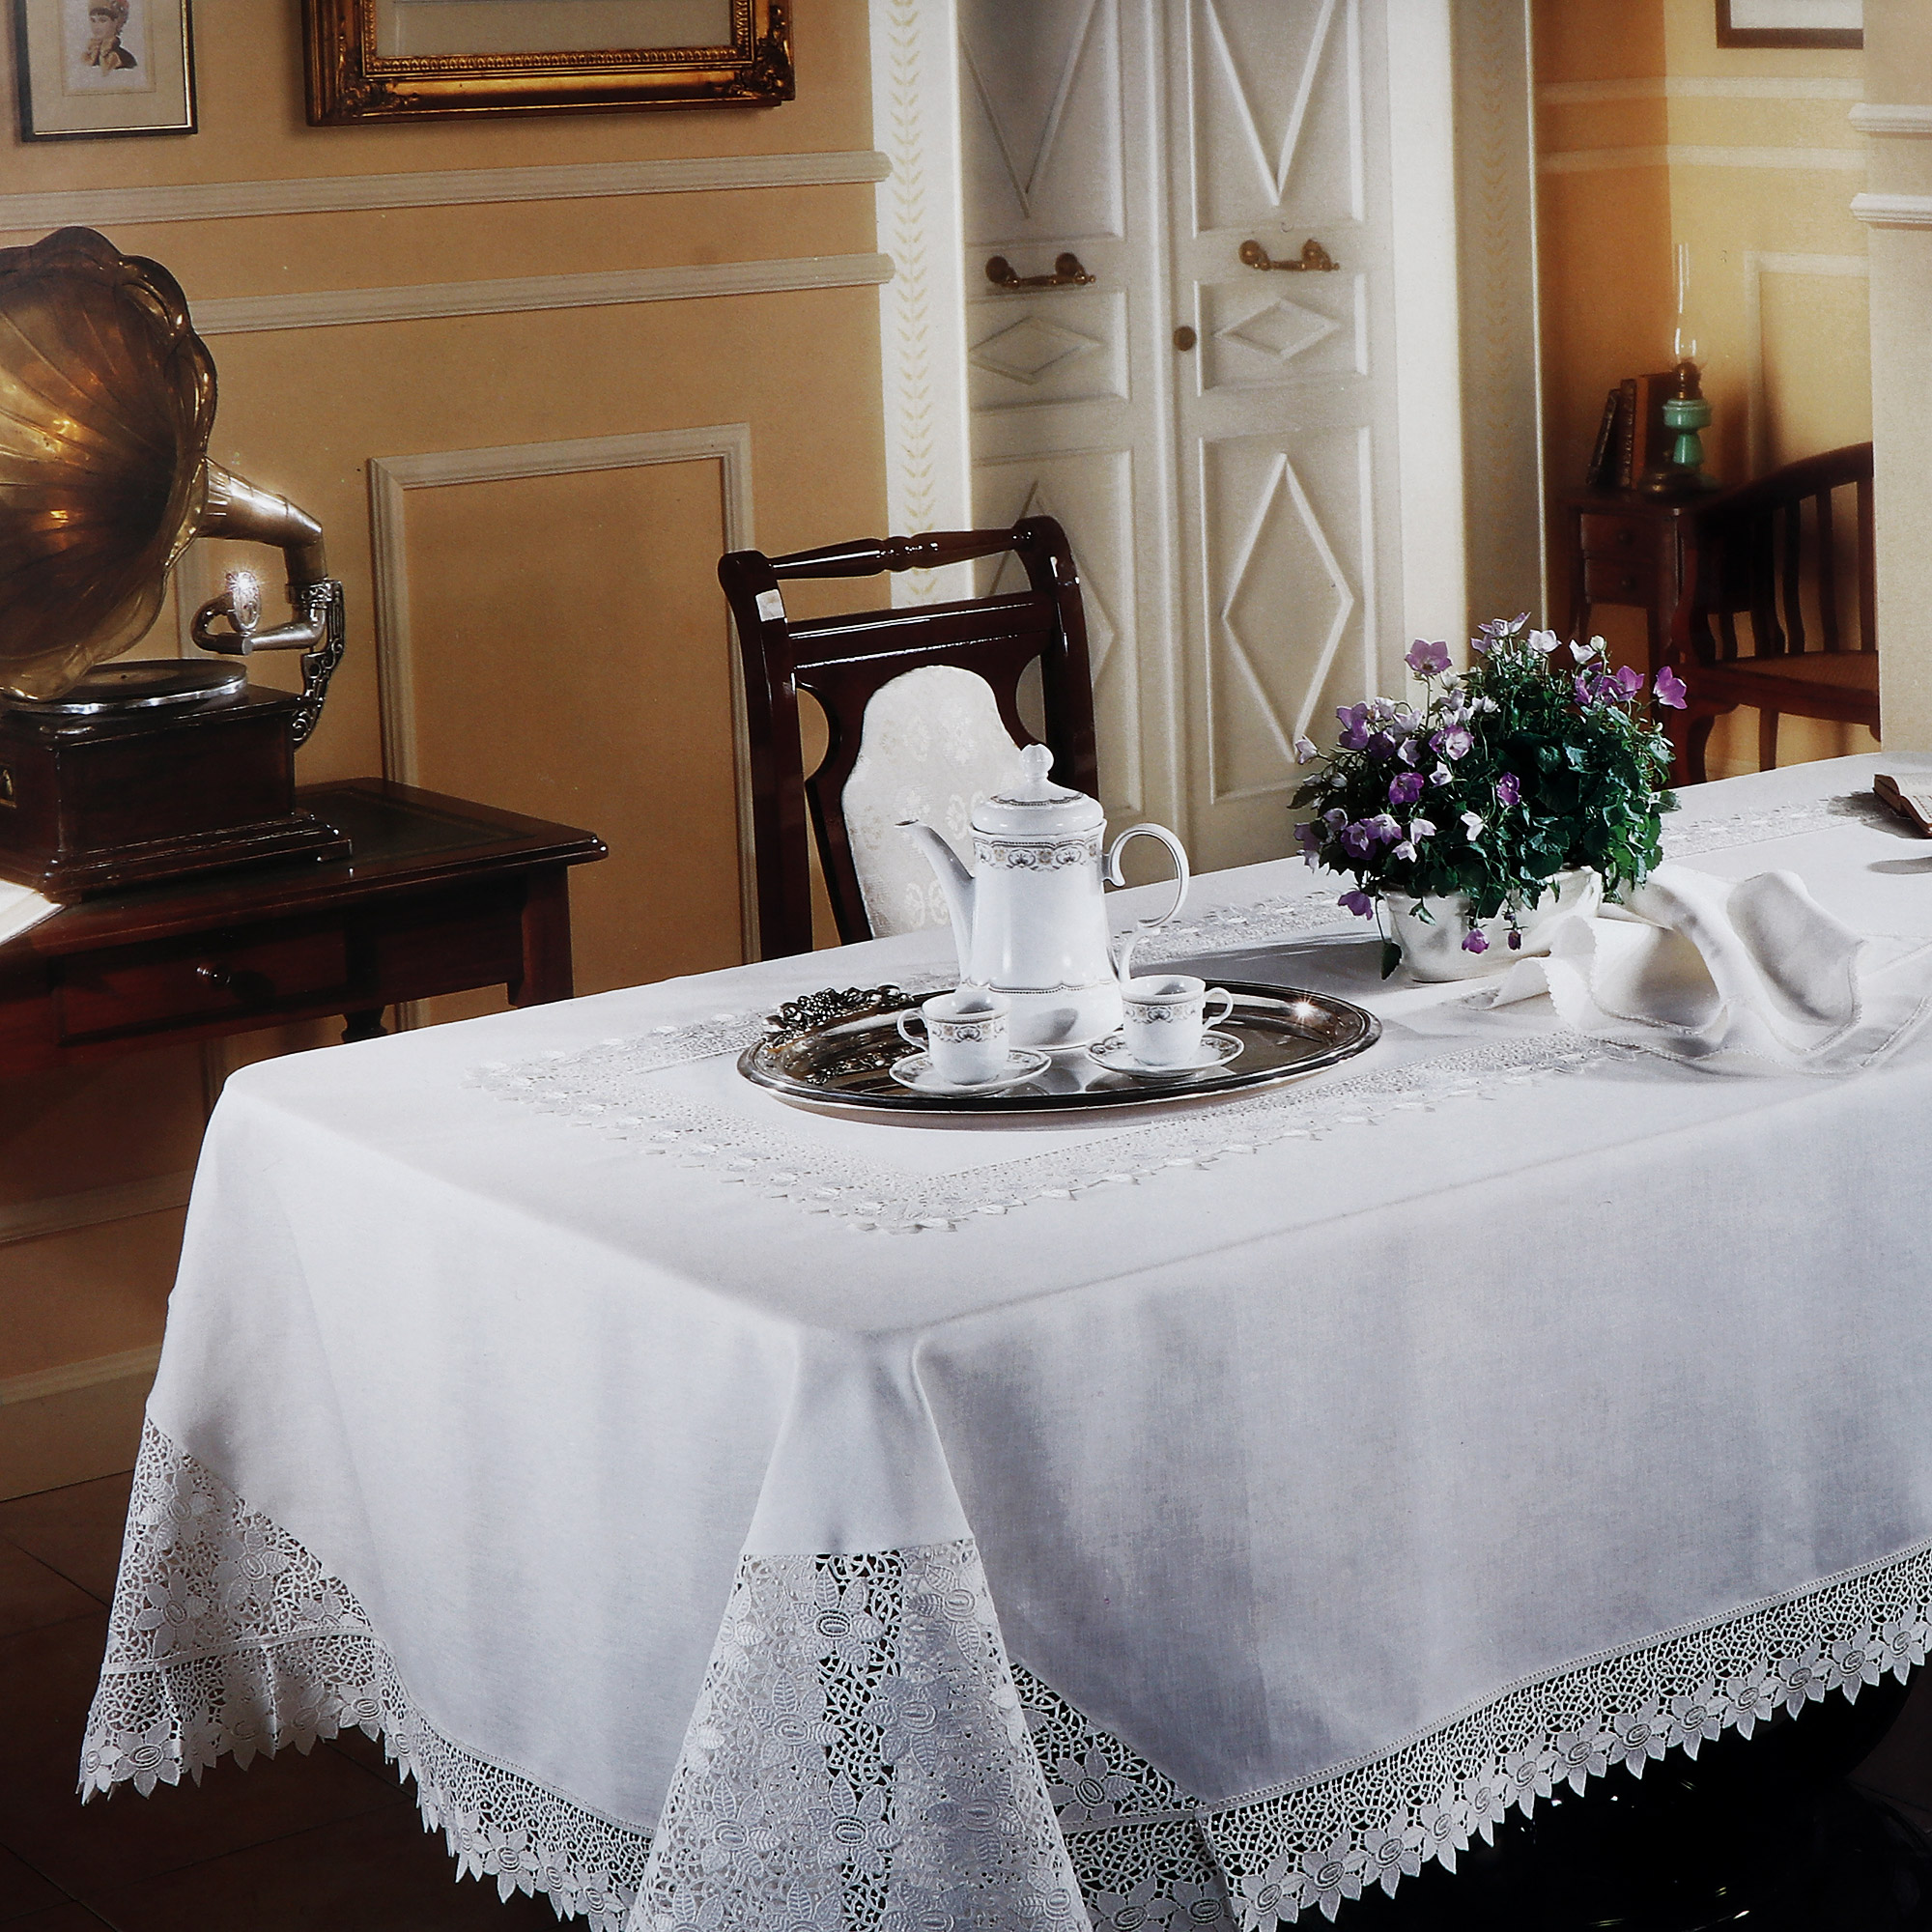 Скатерть комплект столовый Gamba скатерть 170х280+12 салфеток